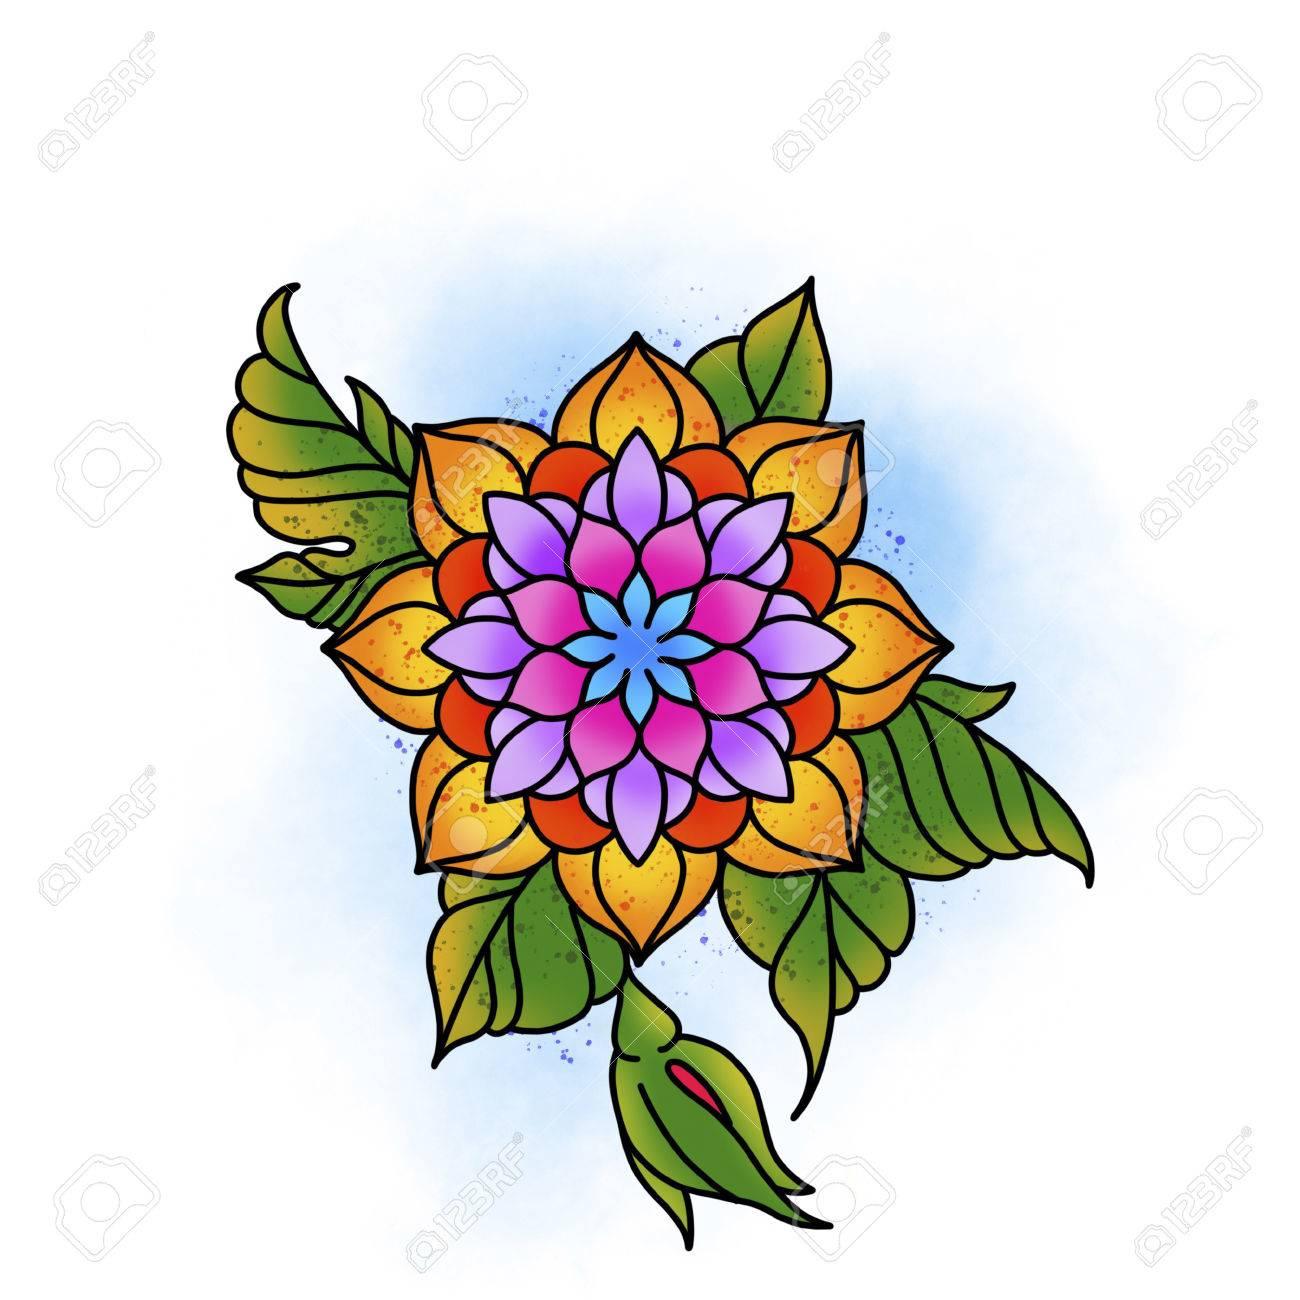 Flower mandala. Vintage decorative element. Islam, Arabic, Indian, ottoman motifs. Banque d'images - 84371939